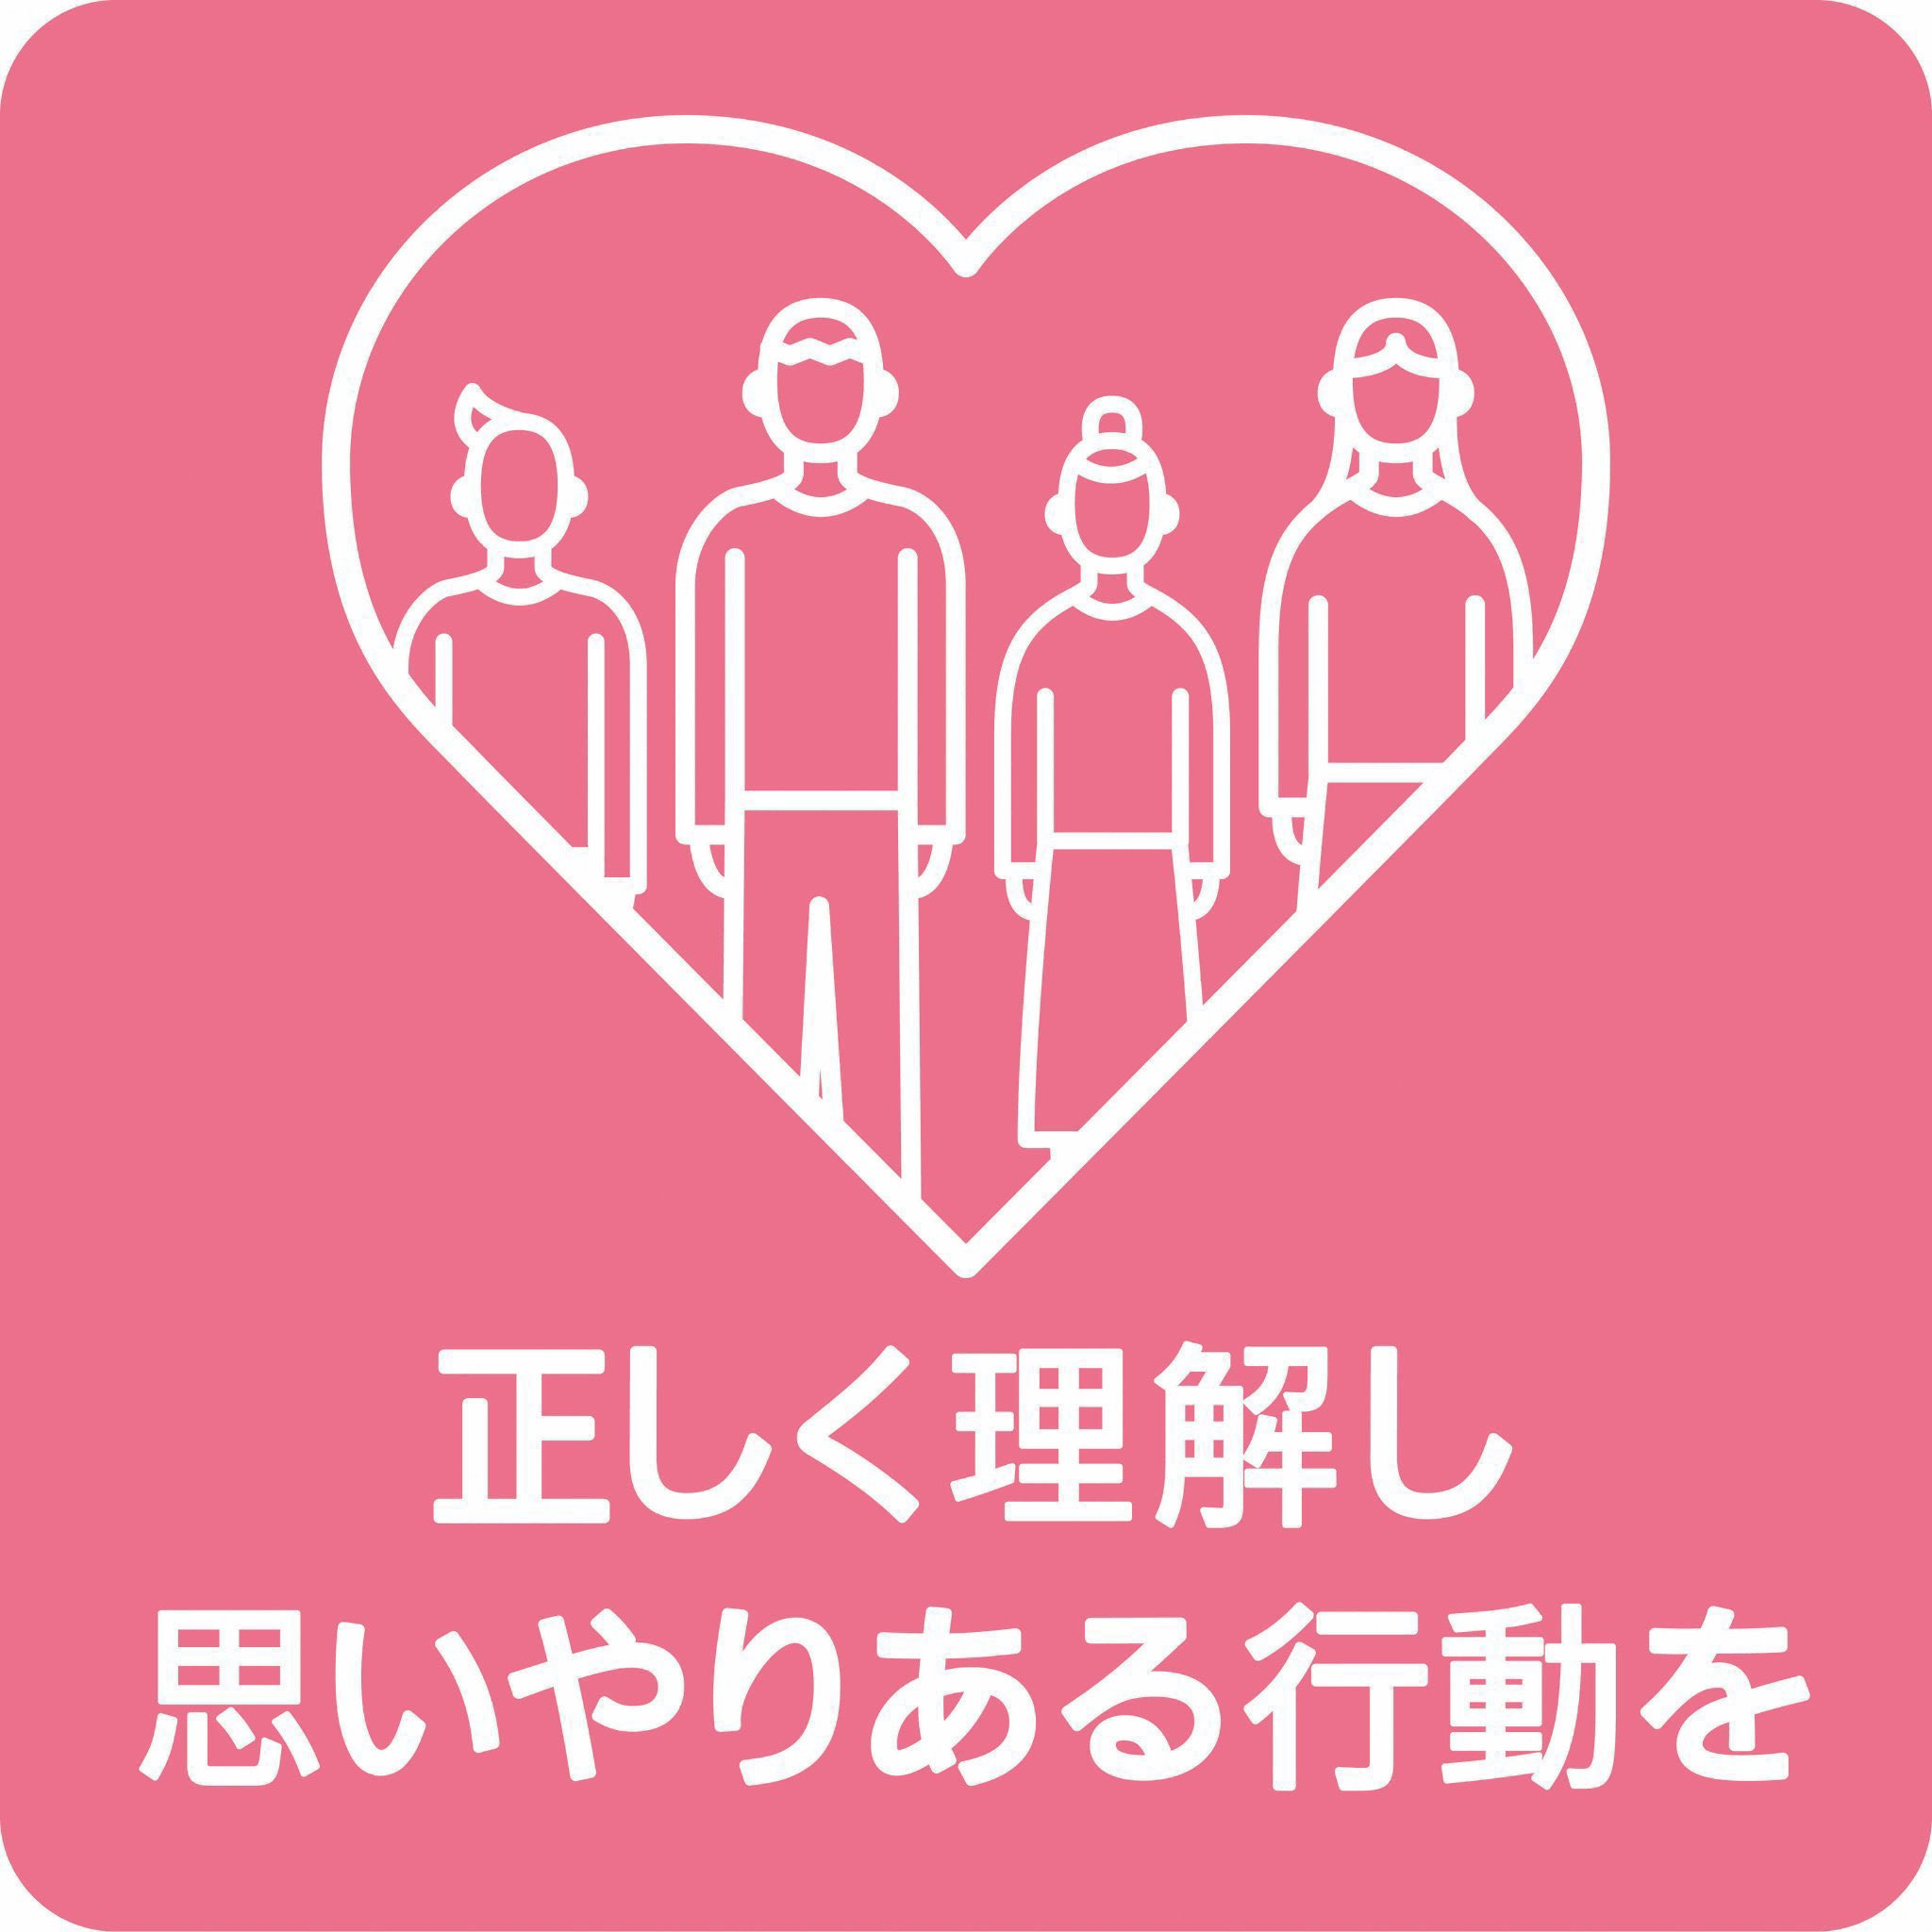 函館 災害 ツイッター